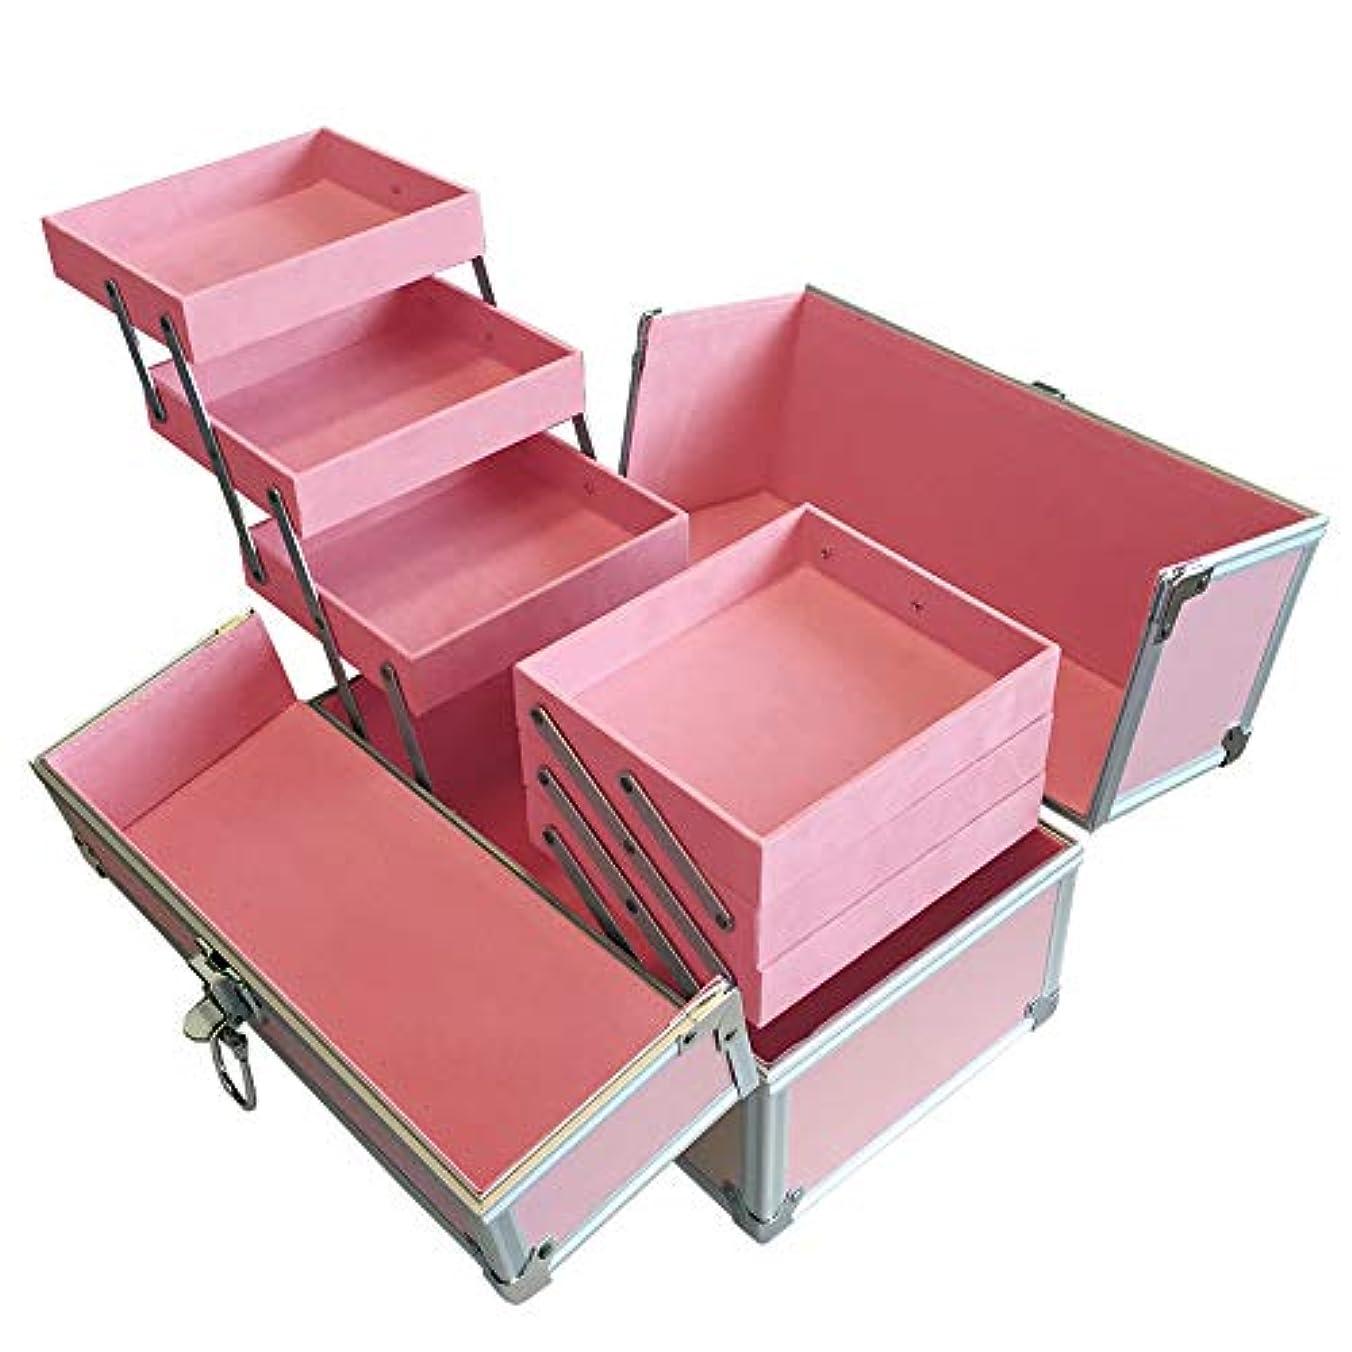 見出しフレアファイルリライアブル コスメボックス RB003-PP 鍵付き プロ仕様 メイクボックス 大容量 化粧品収納 小物入れ 6段トレー ベロア メイクケース コスメBOX 持ち運び ネイルケース